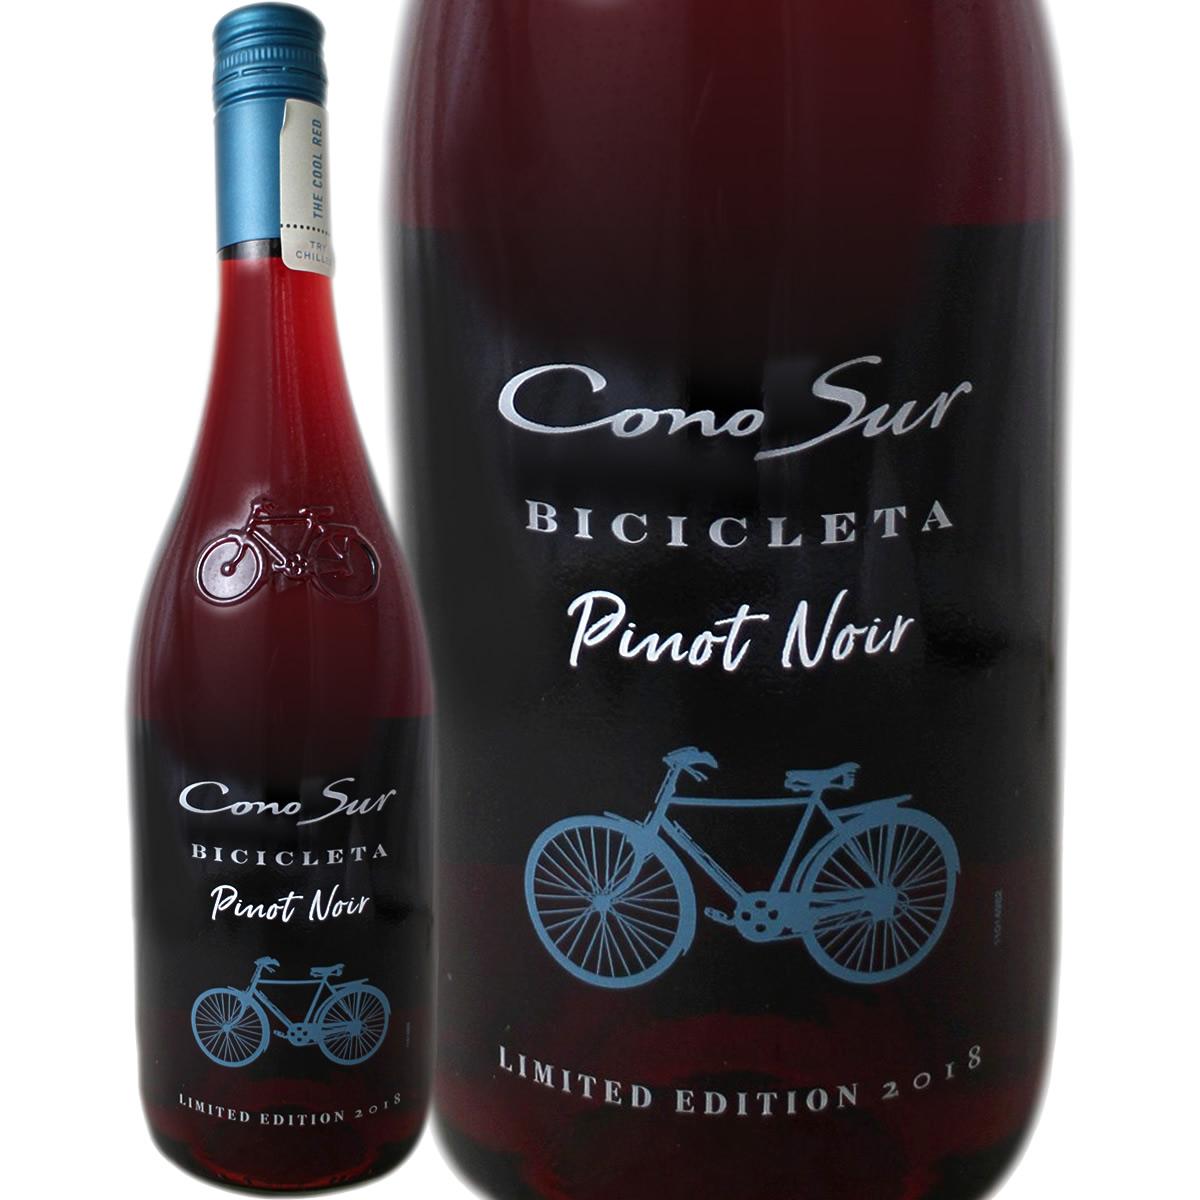 冷やして美味しい 海外 ピノ ノワール100%のワイン ピノノワール コノスル ノワール ビシクレタ クールレッド 限定商品 チリ 辛口 750ml Cono 最新ヴィンテージ 気質アップ Sur 赤ワイン